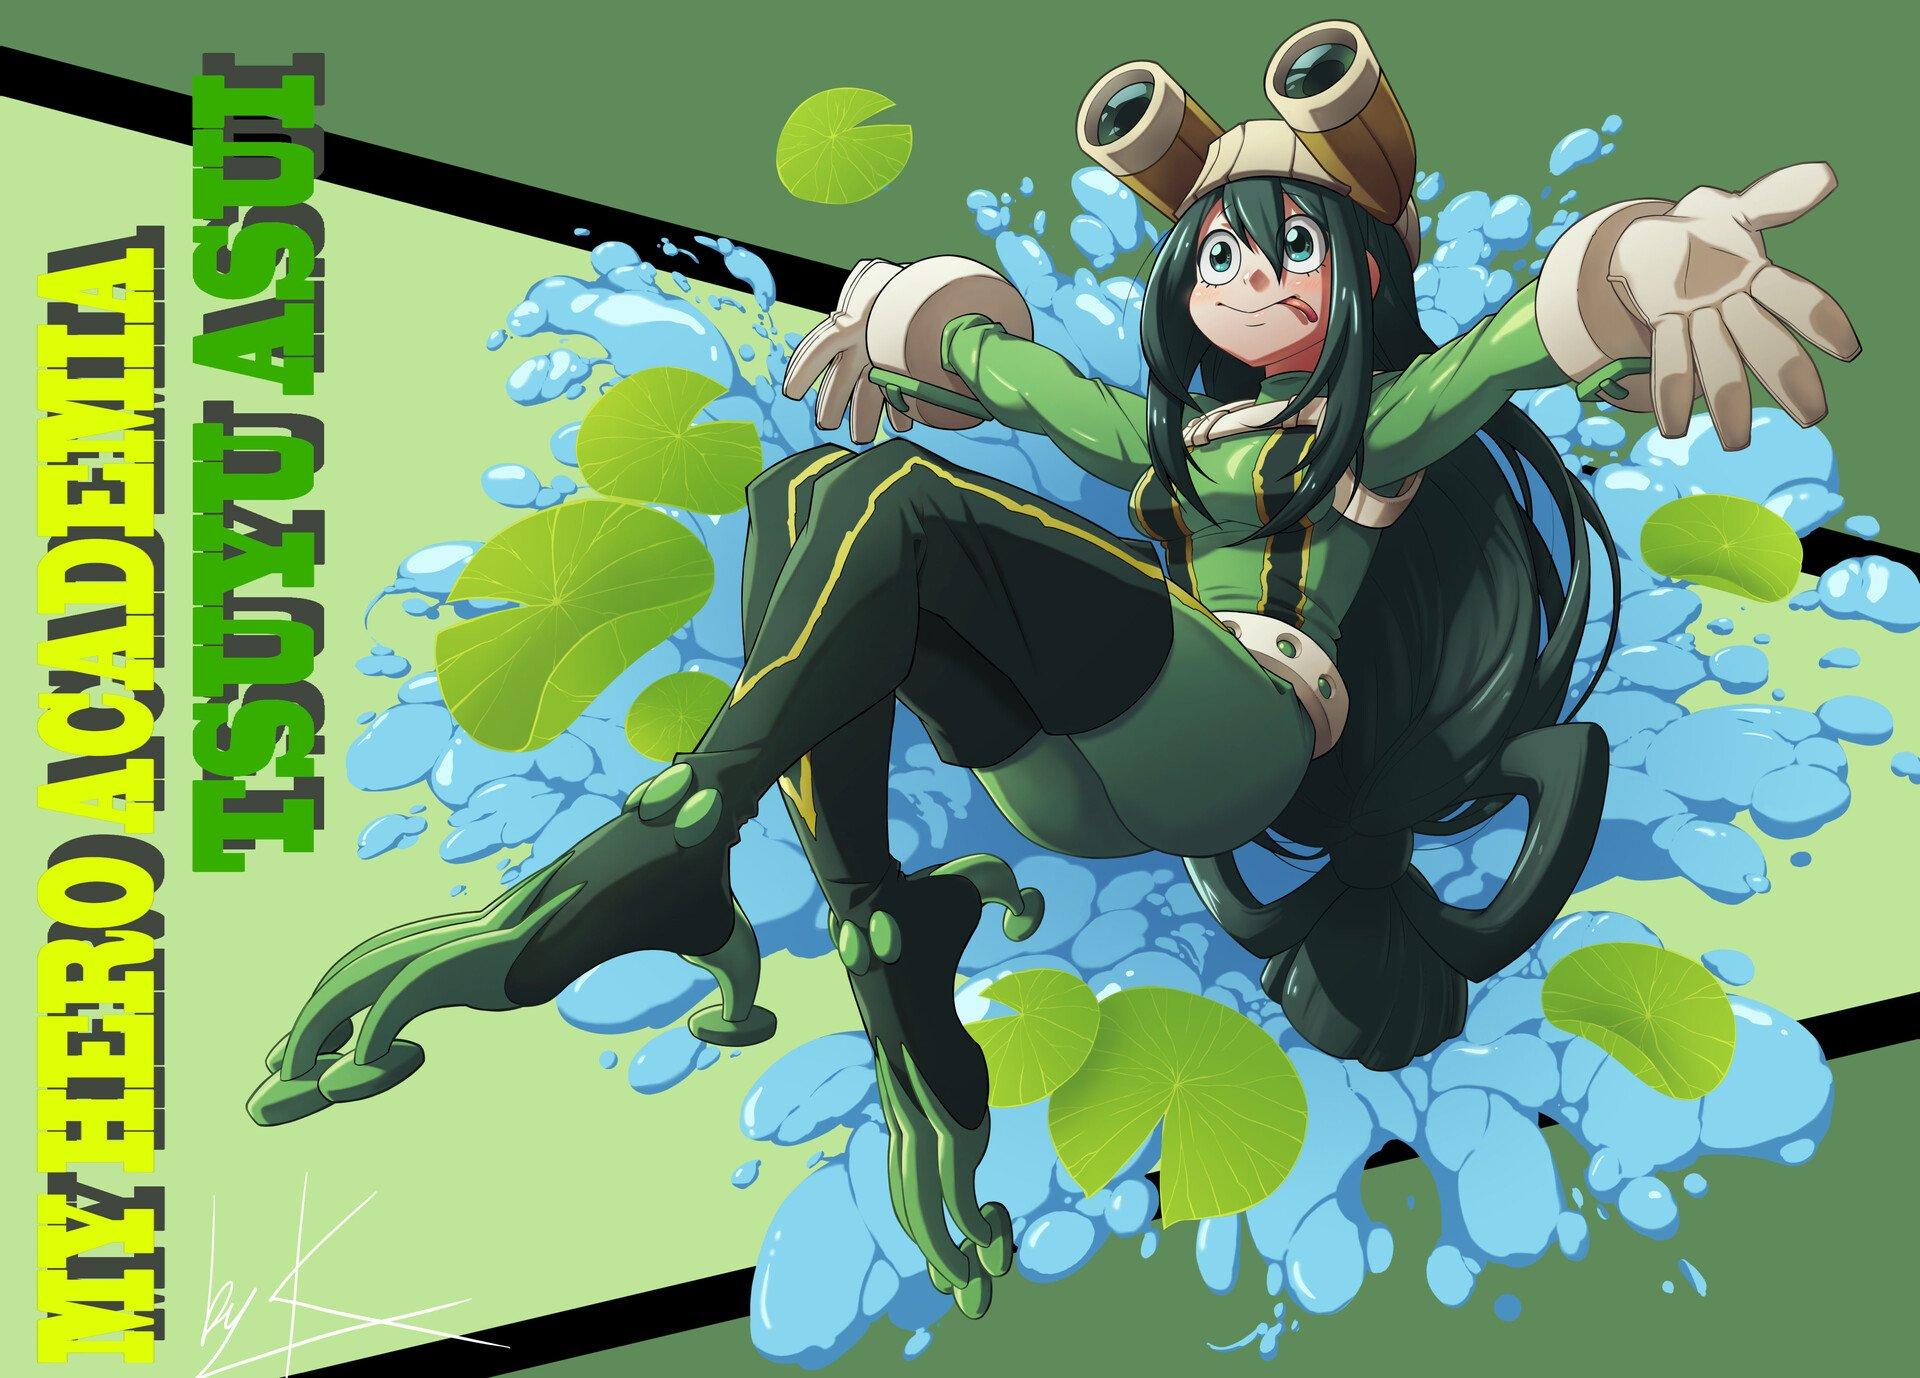 Tsuyu Asui Hd Wallpaper Background Image 1920x1378 Id